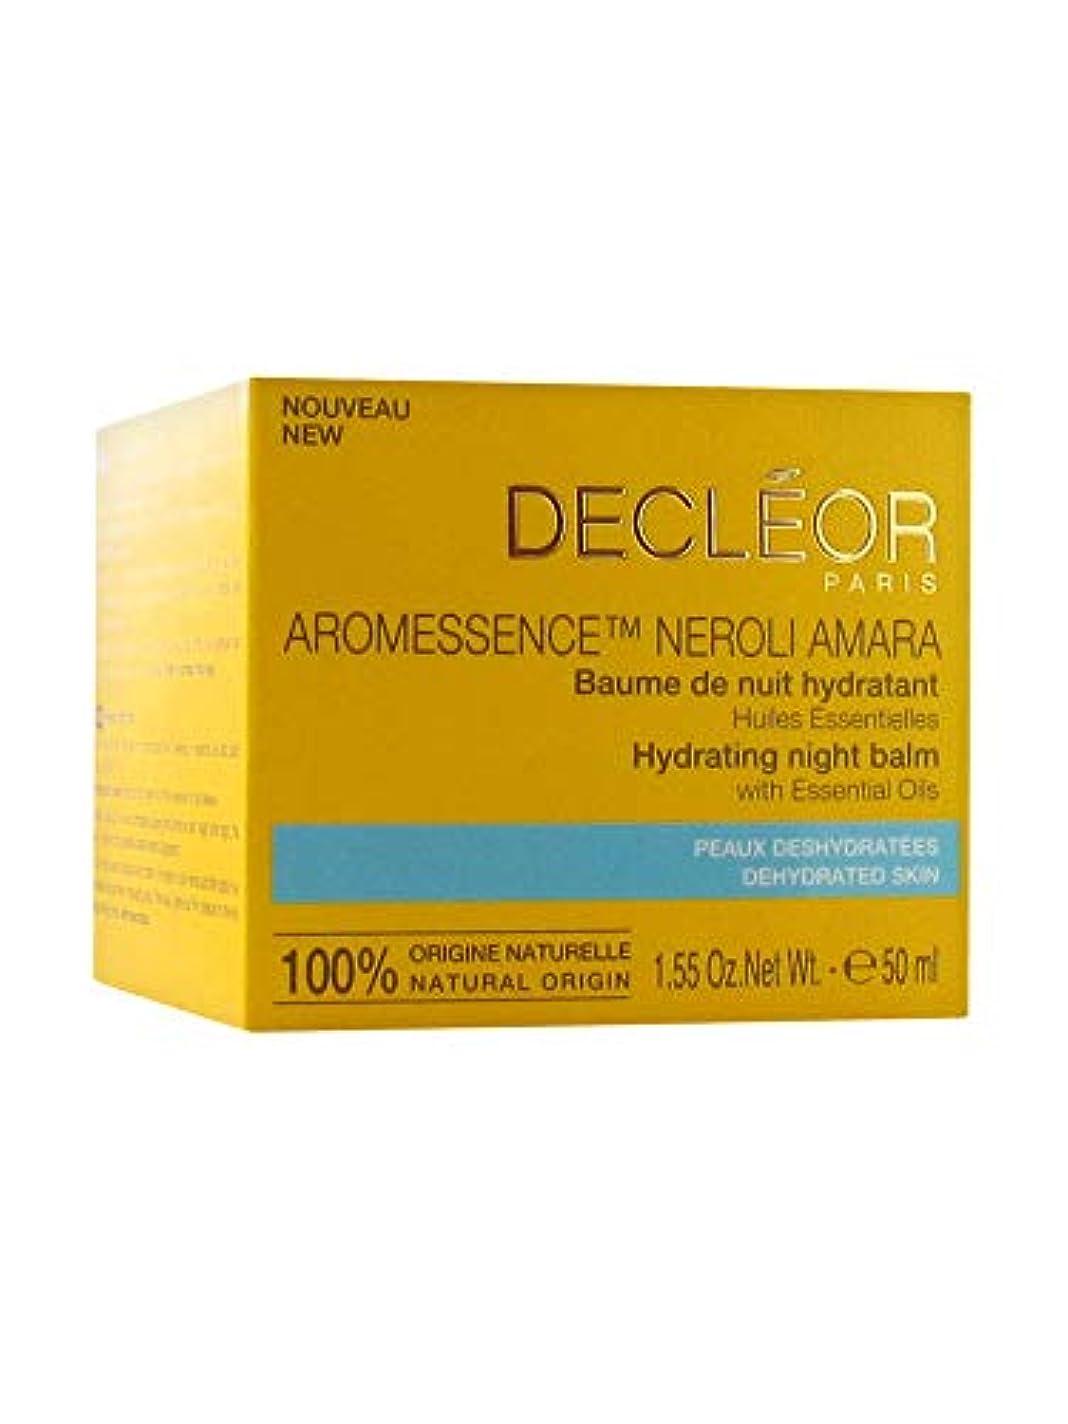 高める沼地変化するデクレオール Aromessence Neroli Amara Hydrating Night Balm - For Dehydrated Skin 50ml/1.55oz並行輸入品